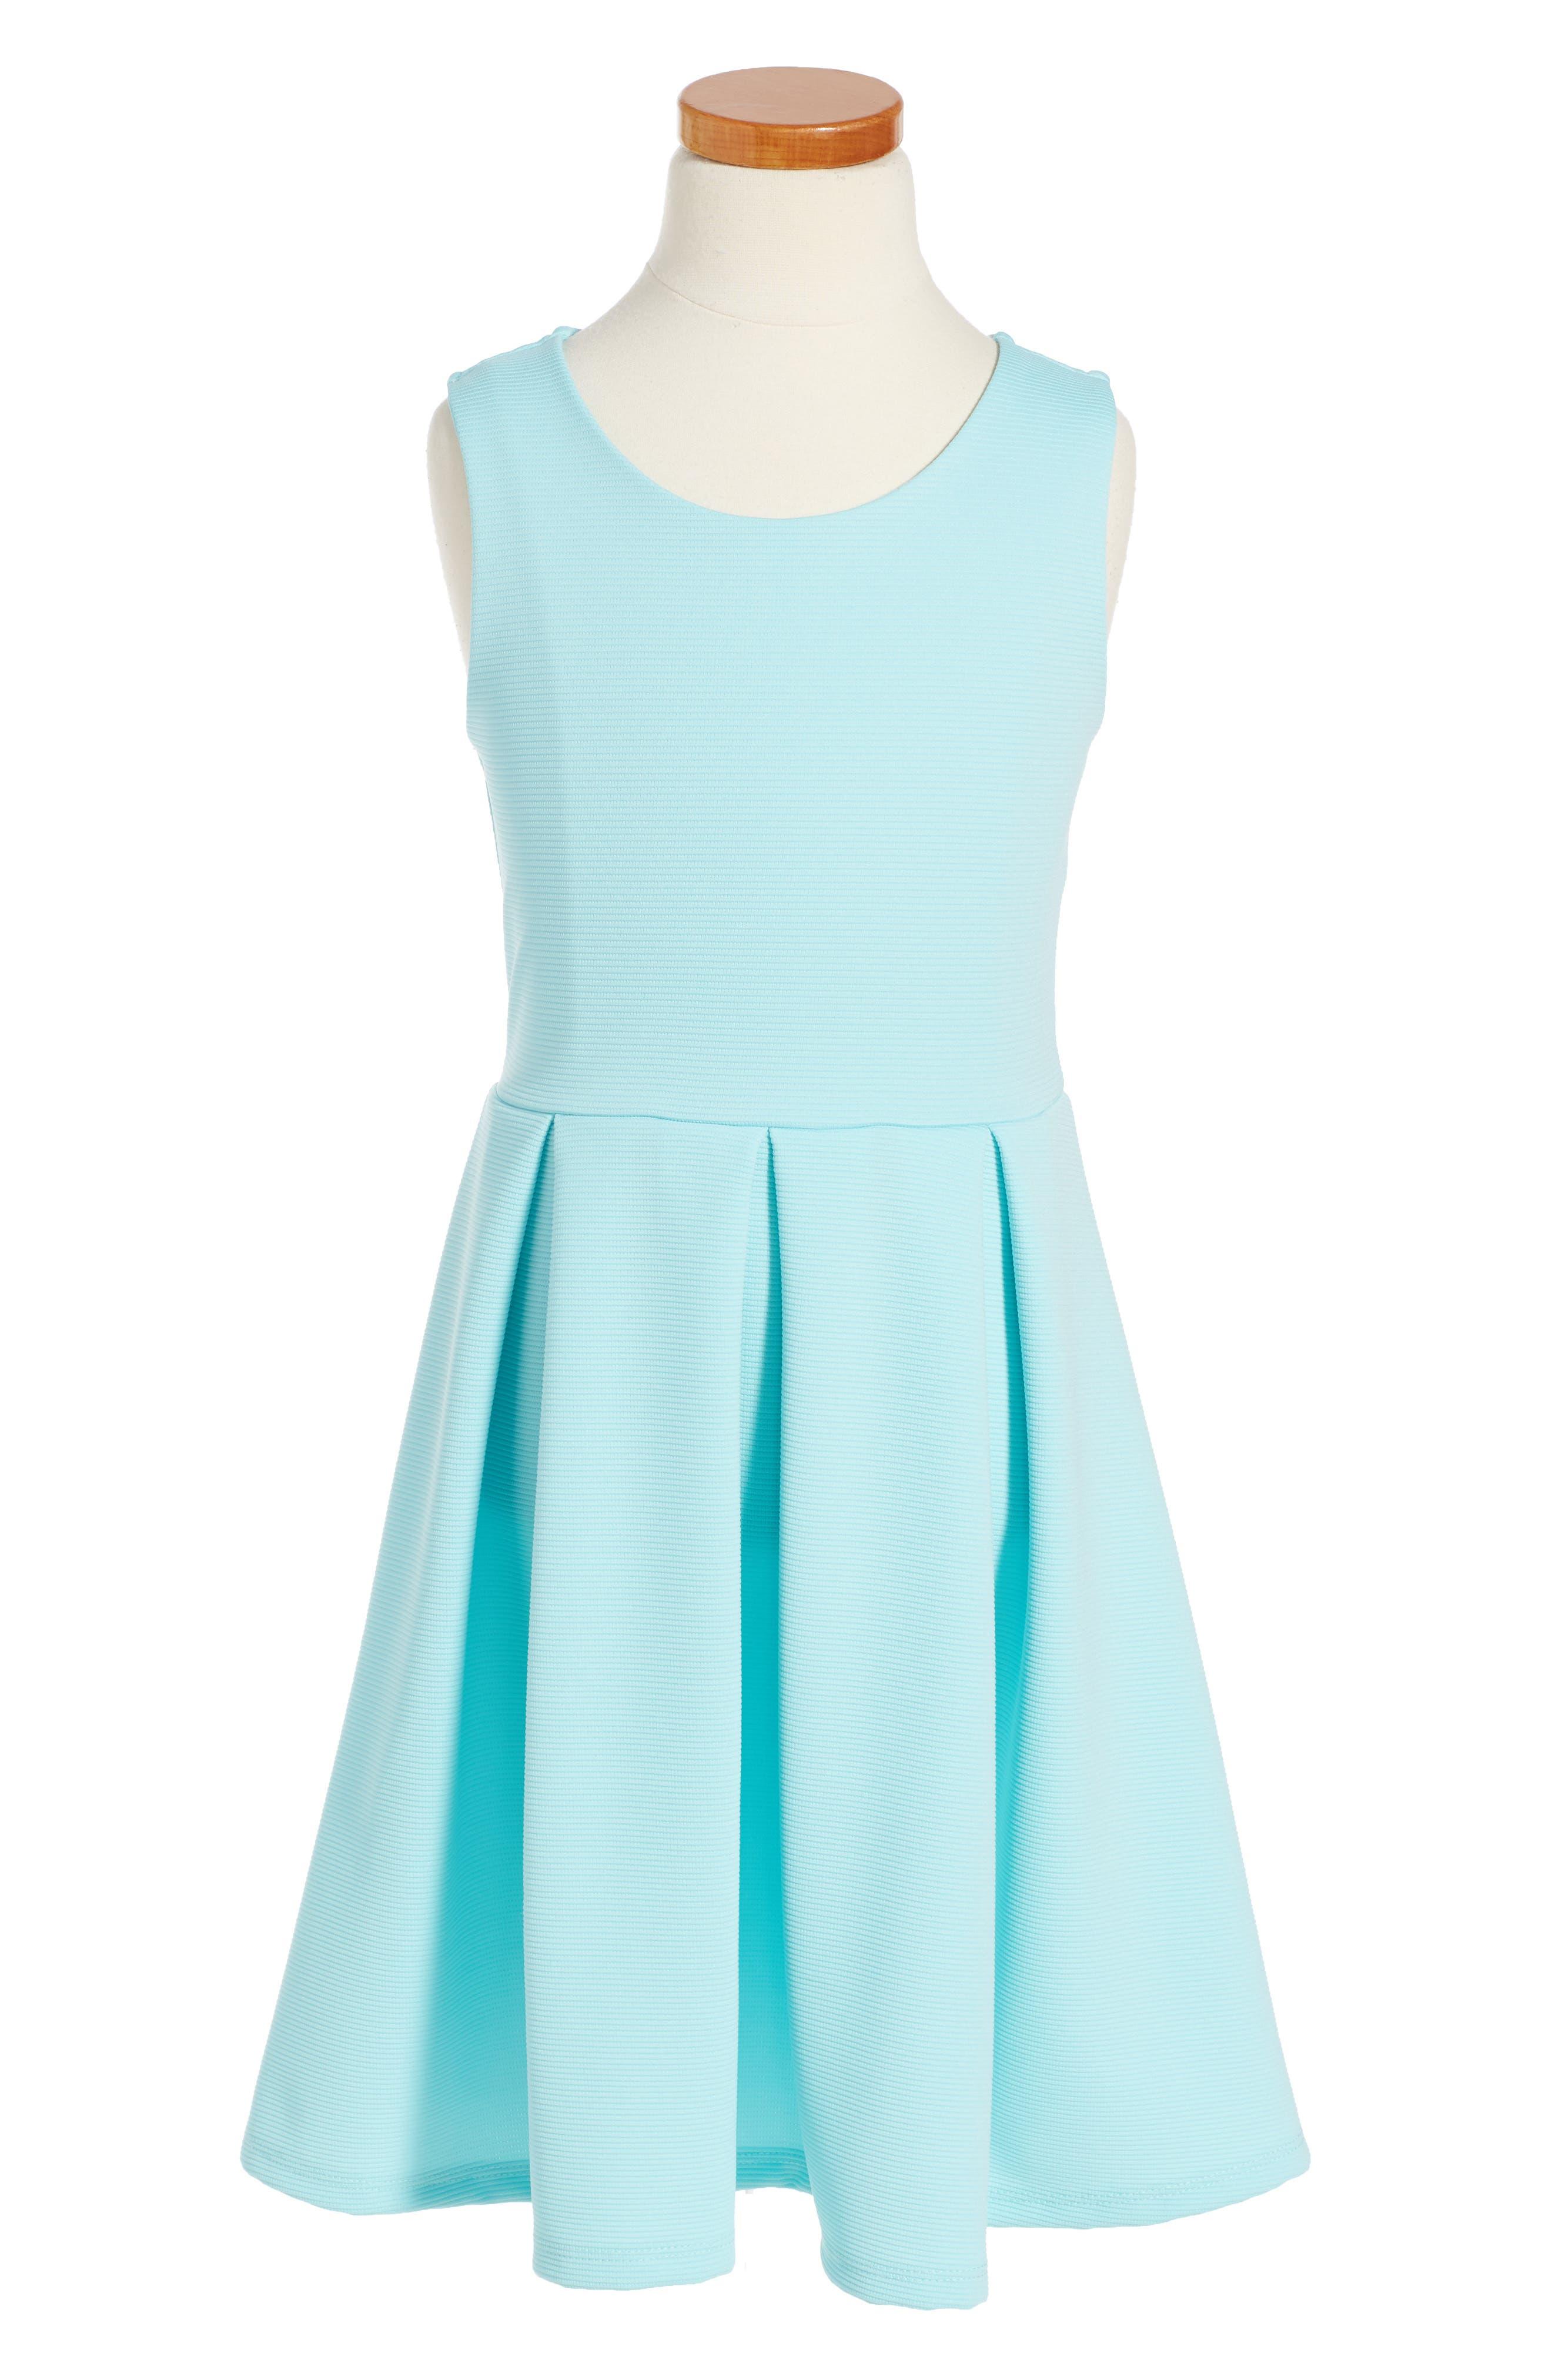 SOPRANO Stripe Skater Dress